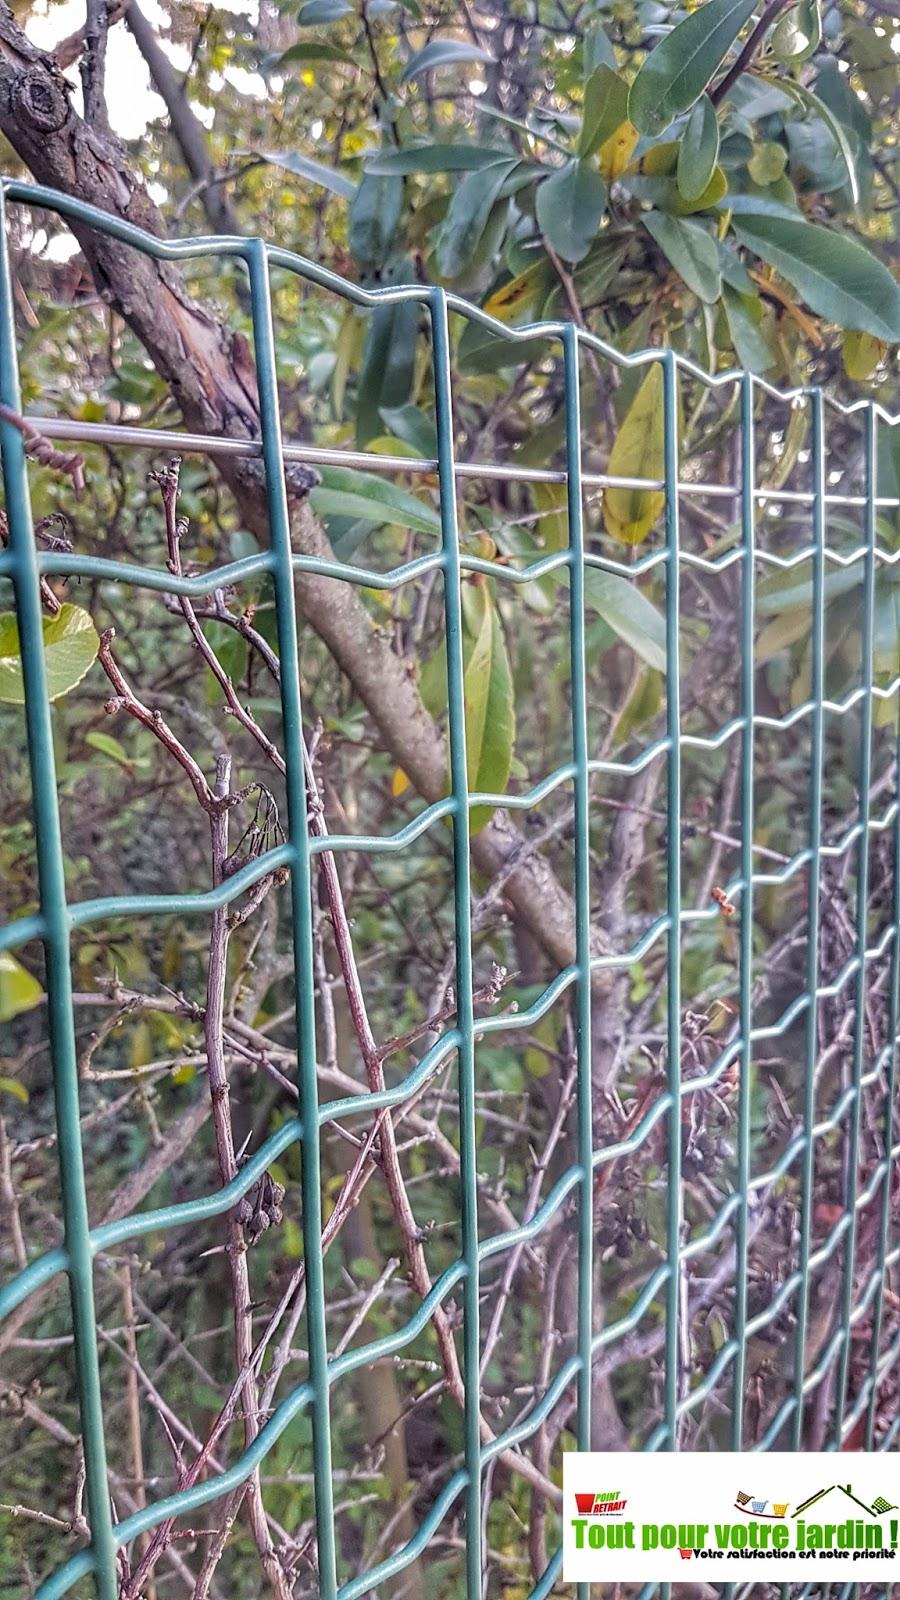 Grillage clôture : tout pour votre jardin !: mai 2017